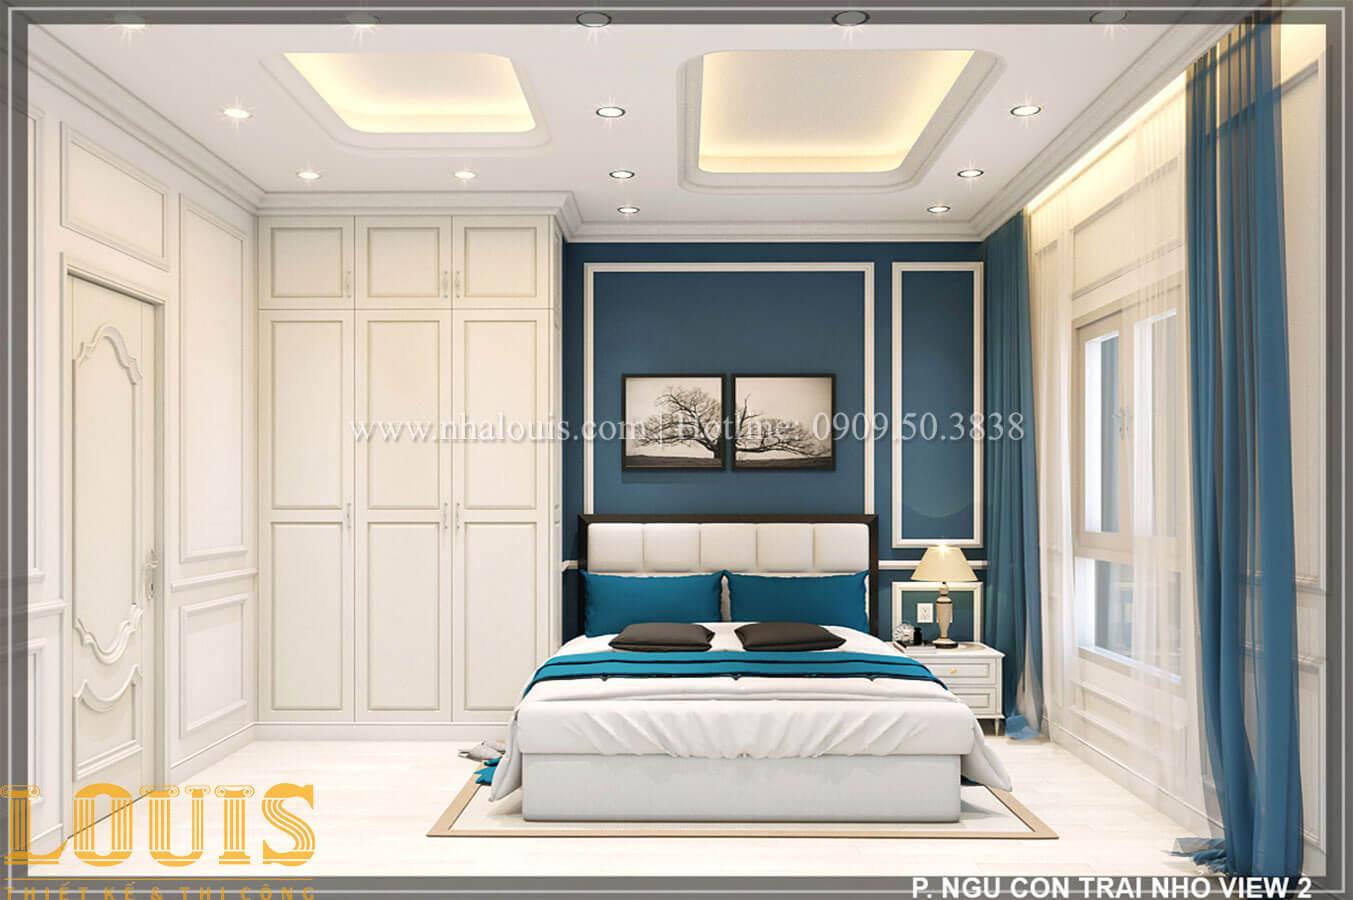 Phòng ngủ Thiết kế tiệm vàng 5 tầng tân cổ điển đẹp không tì vết tại Nhà Bè - 27